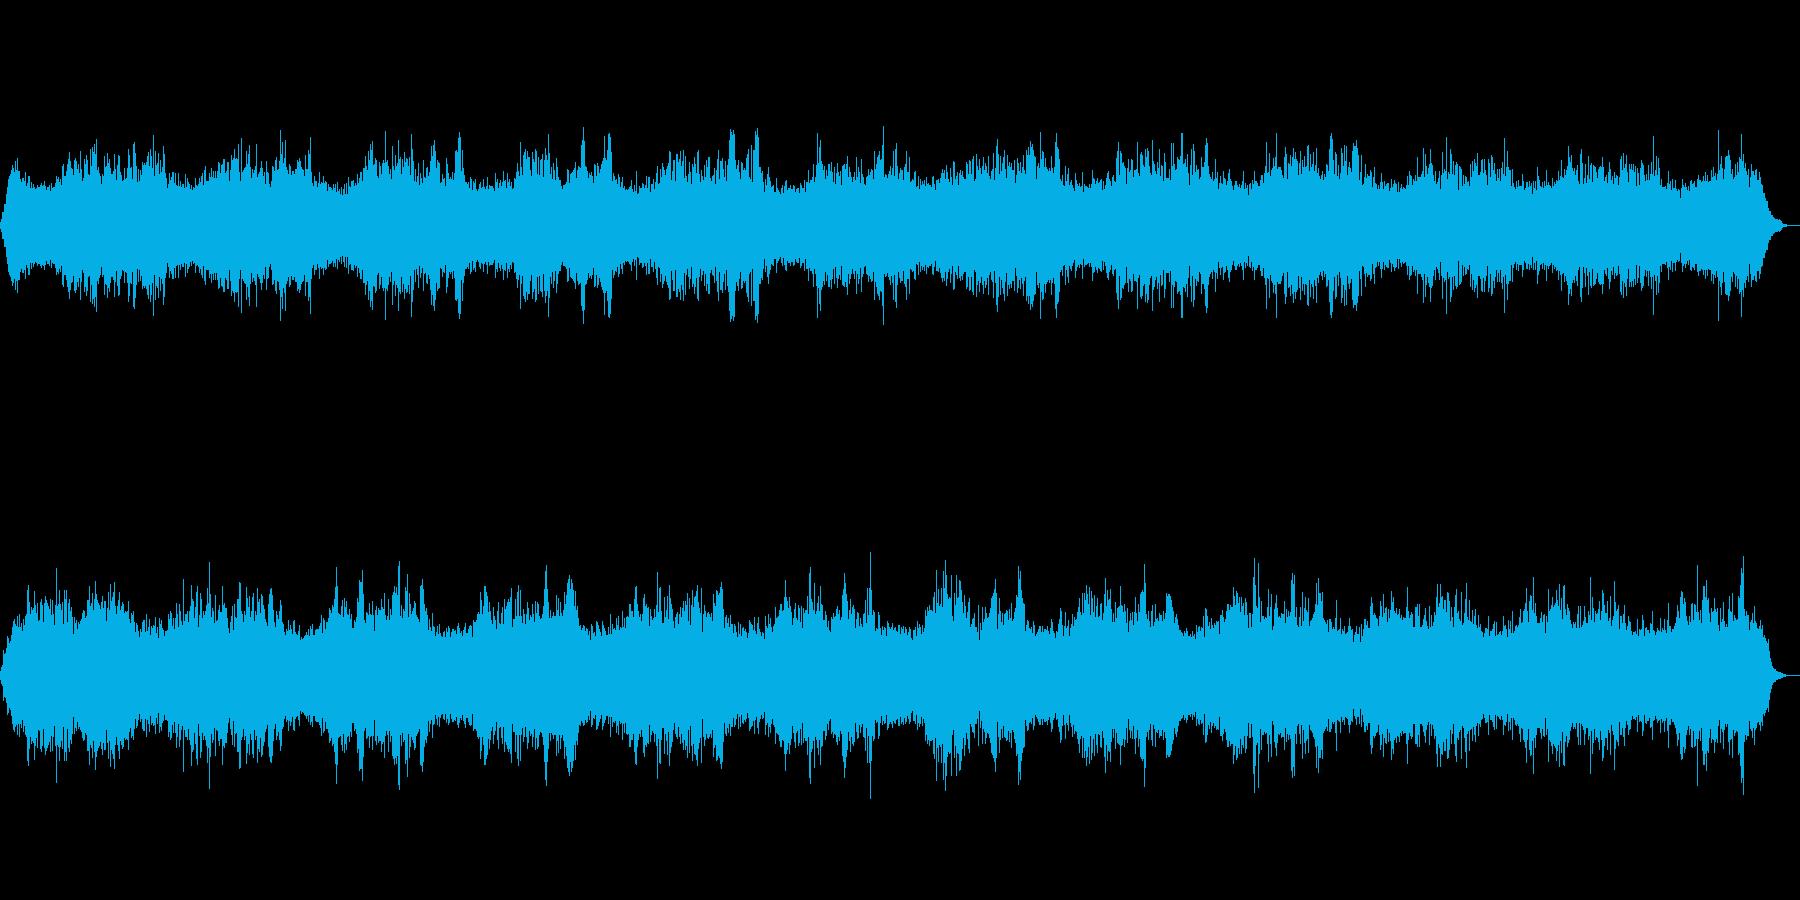 異空間を漂うような音(環境音)の再生済みの波形